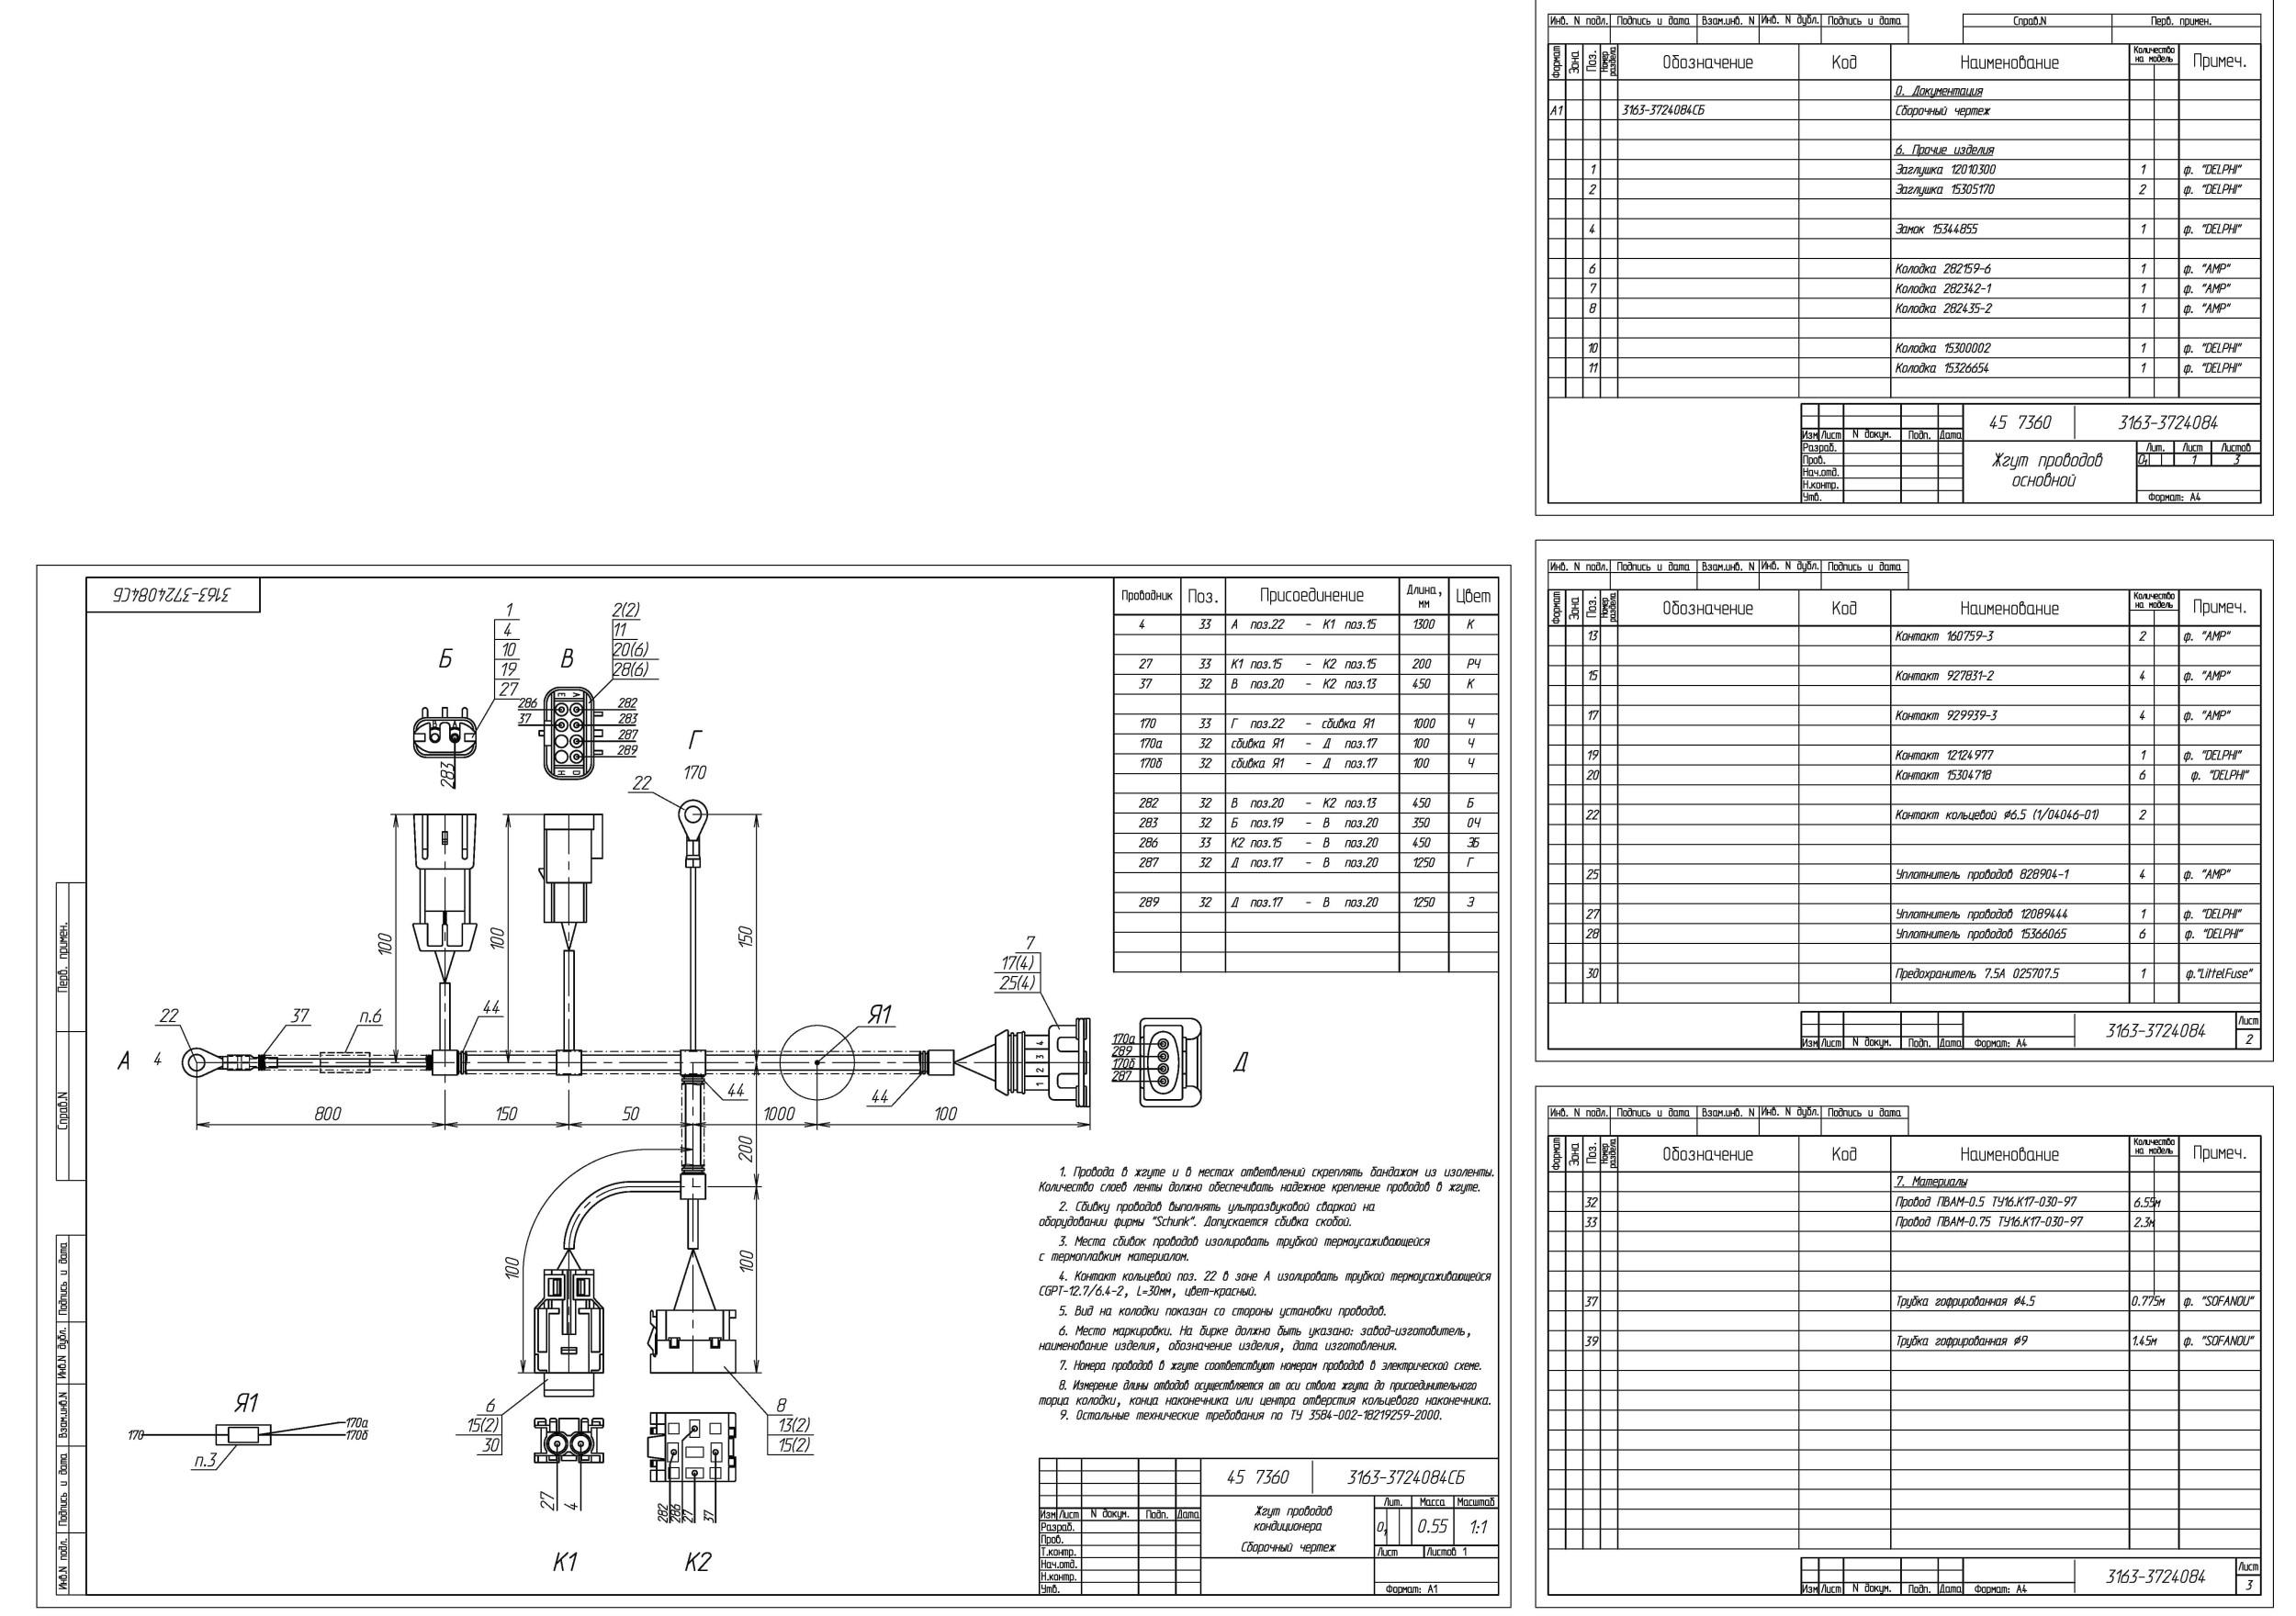 Схема системы отопления уаз патриот фото 17